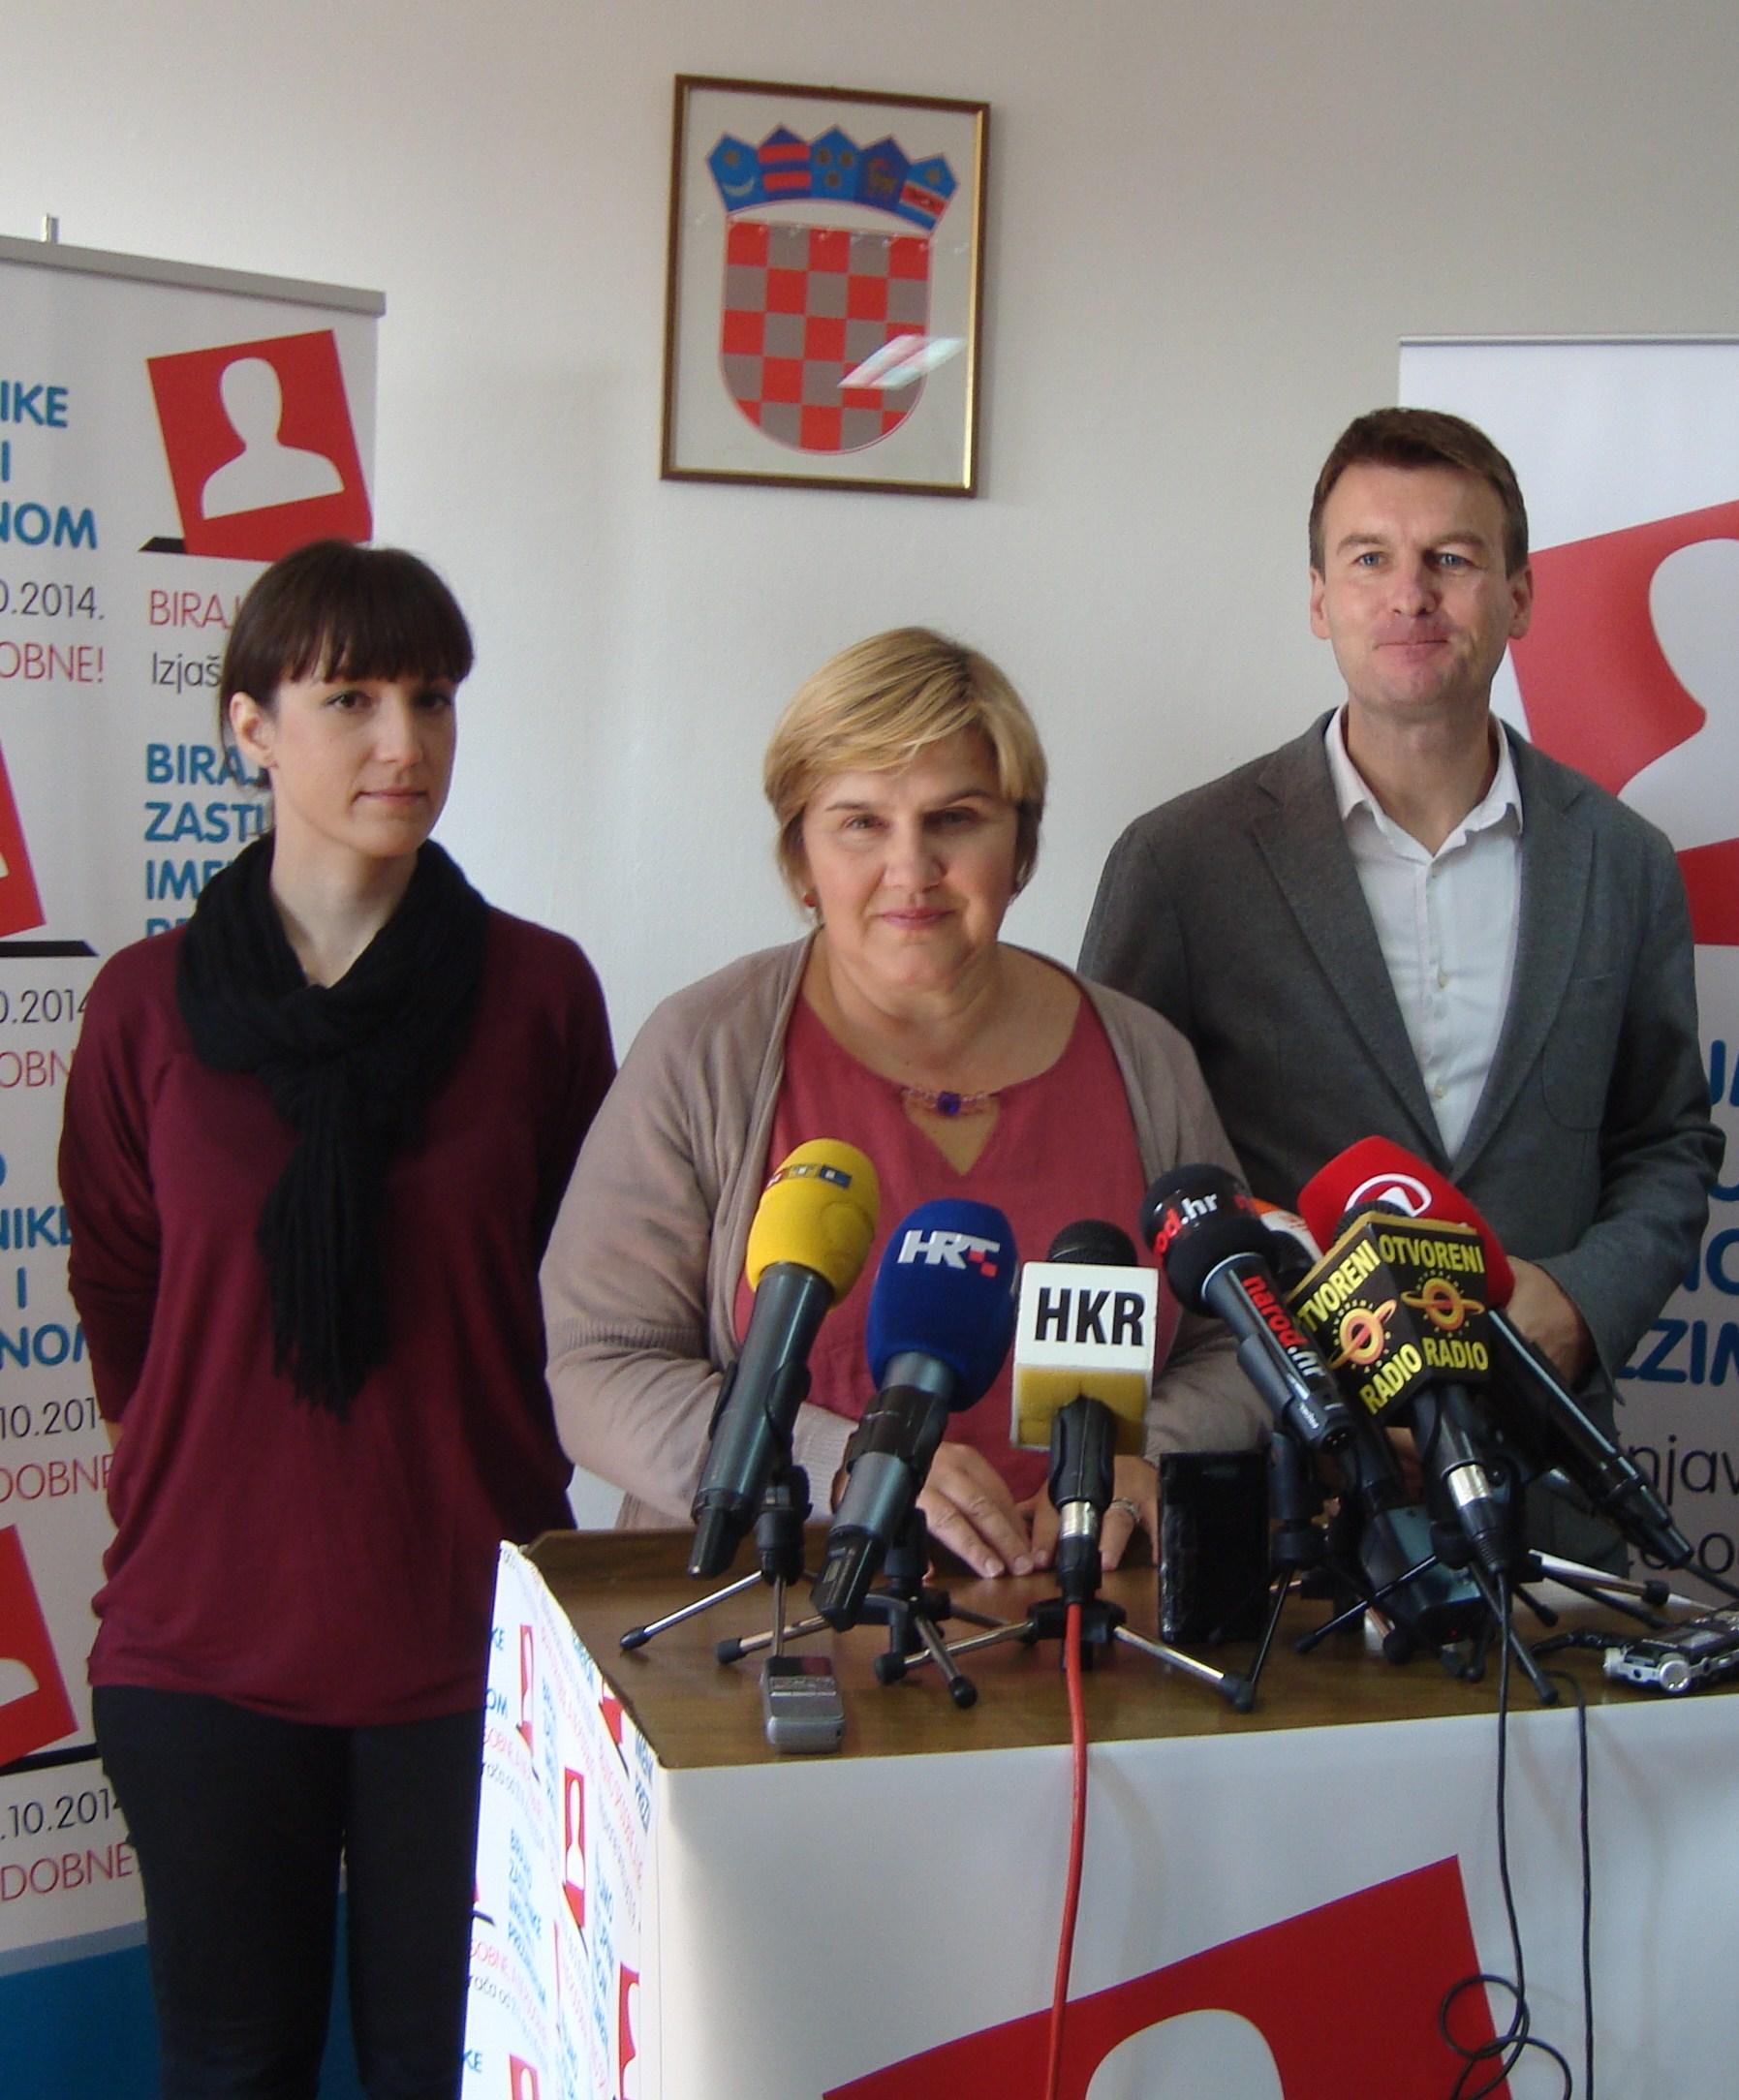 """Inicijativa """"Birajmo zastupnike imenom i prezimenom"""": Pozivamo sve građane koji žele promjene da nam pomognu!"""